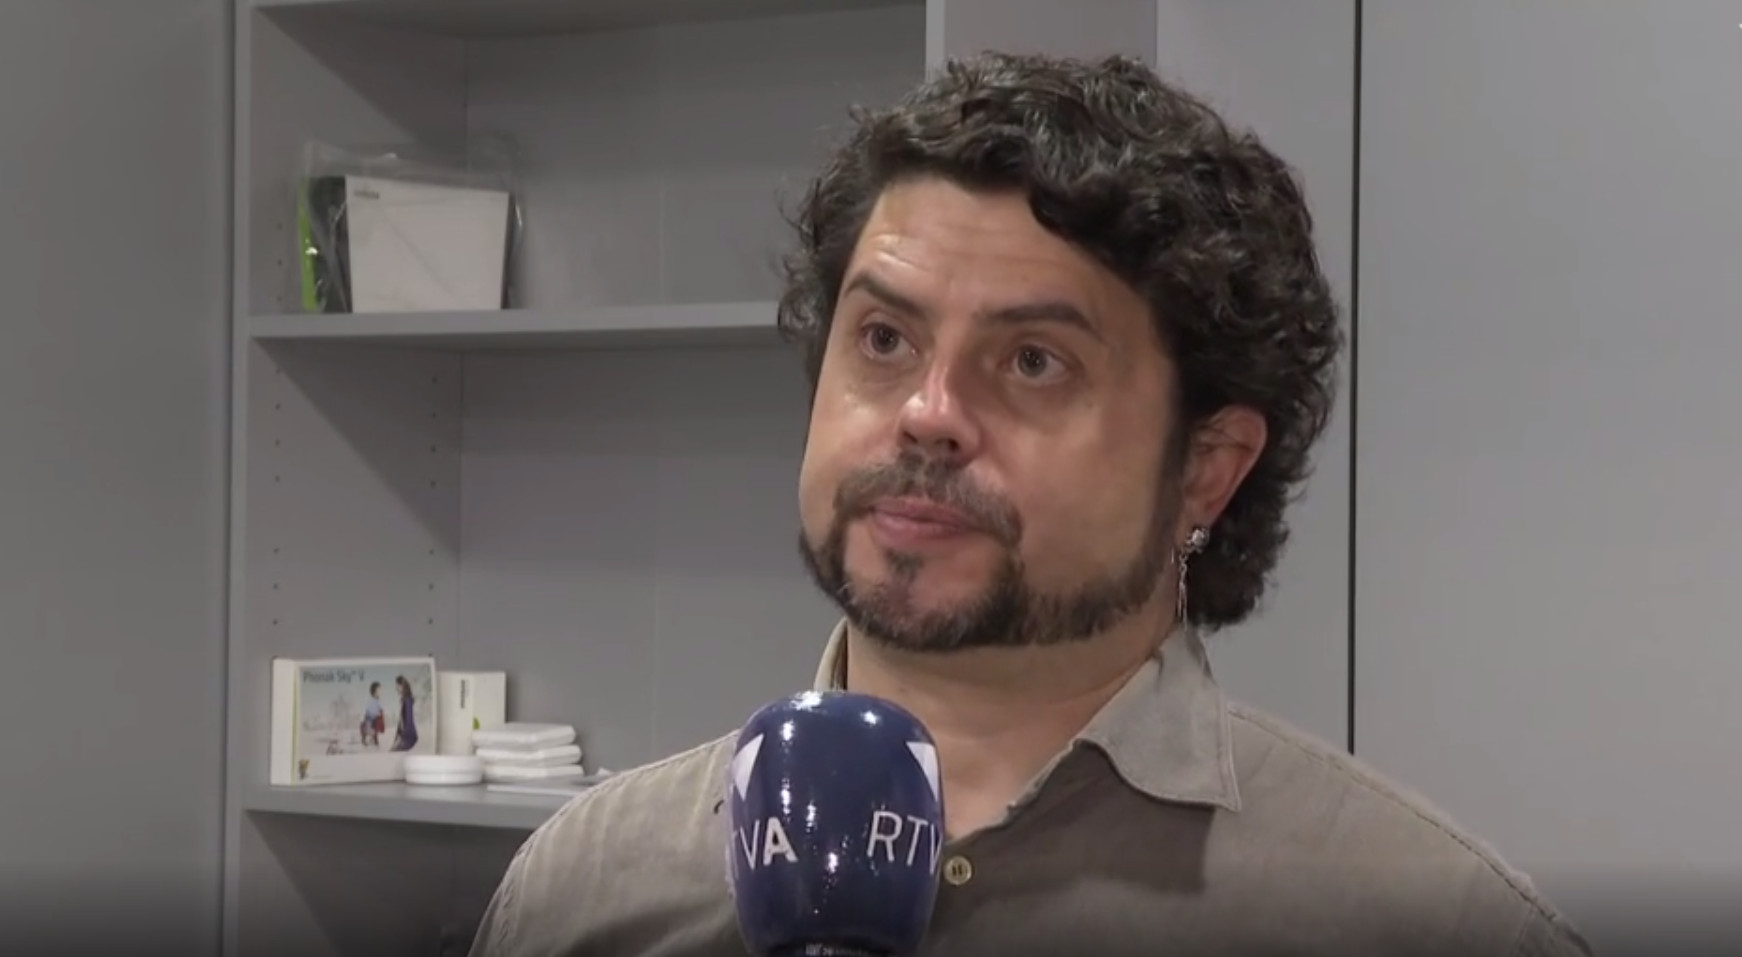 Apapma reelegeix Iriarte i s'esforçarà més per la divulgació